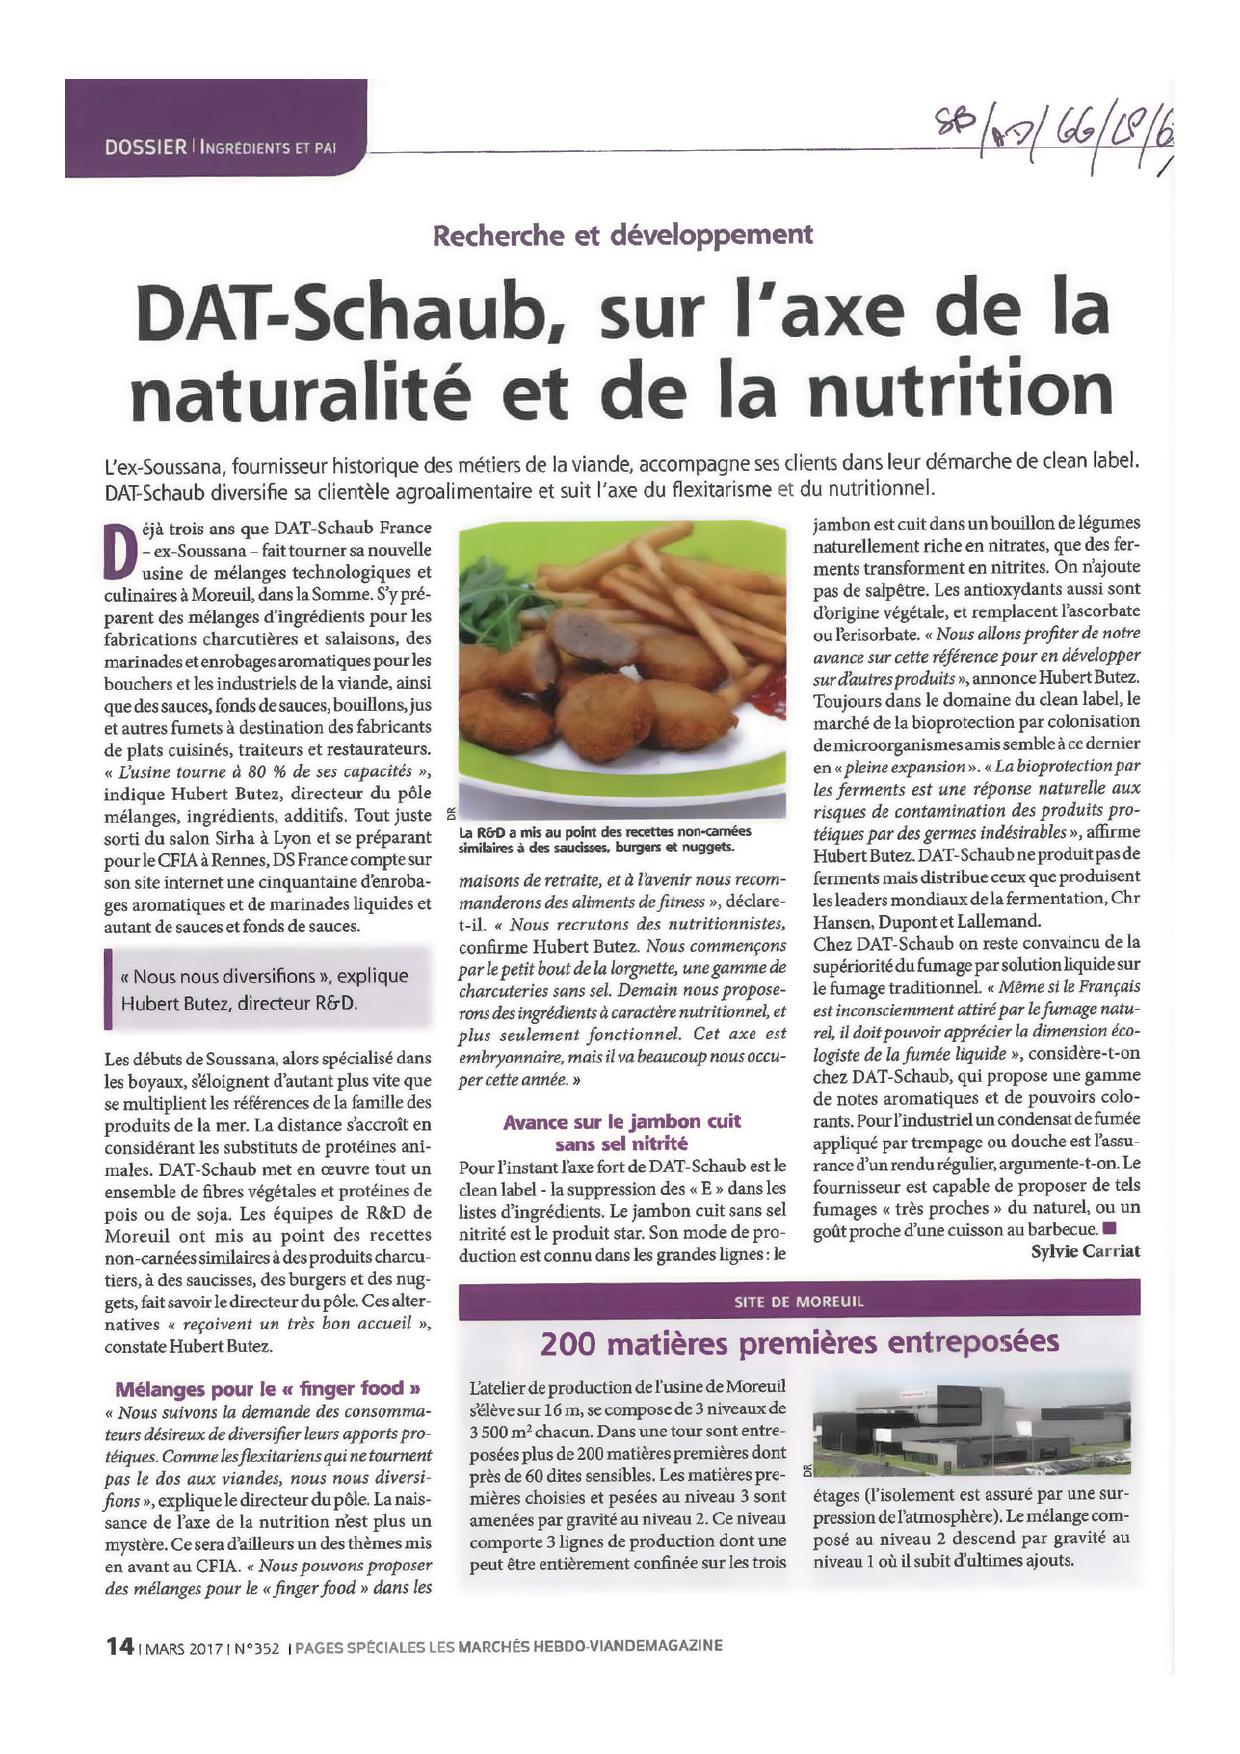 Article dans Viande Magazine N°352 mars 2017 - DAT-Schaub sur l'axe de la naturalité et de la nutrition2